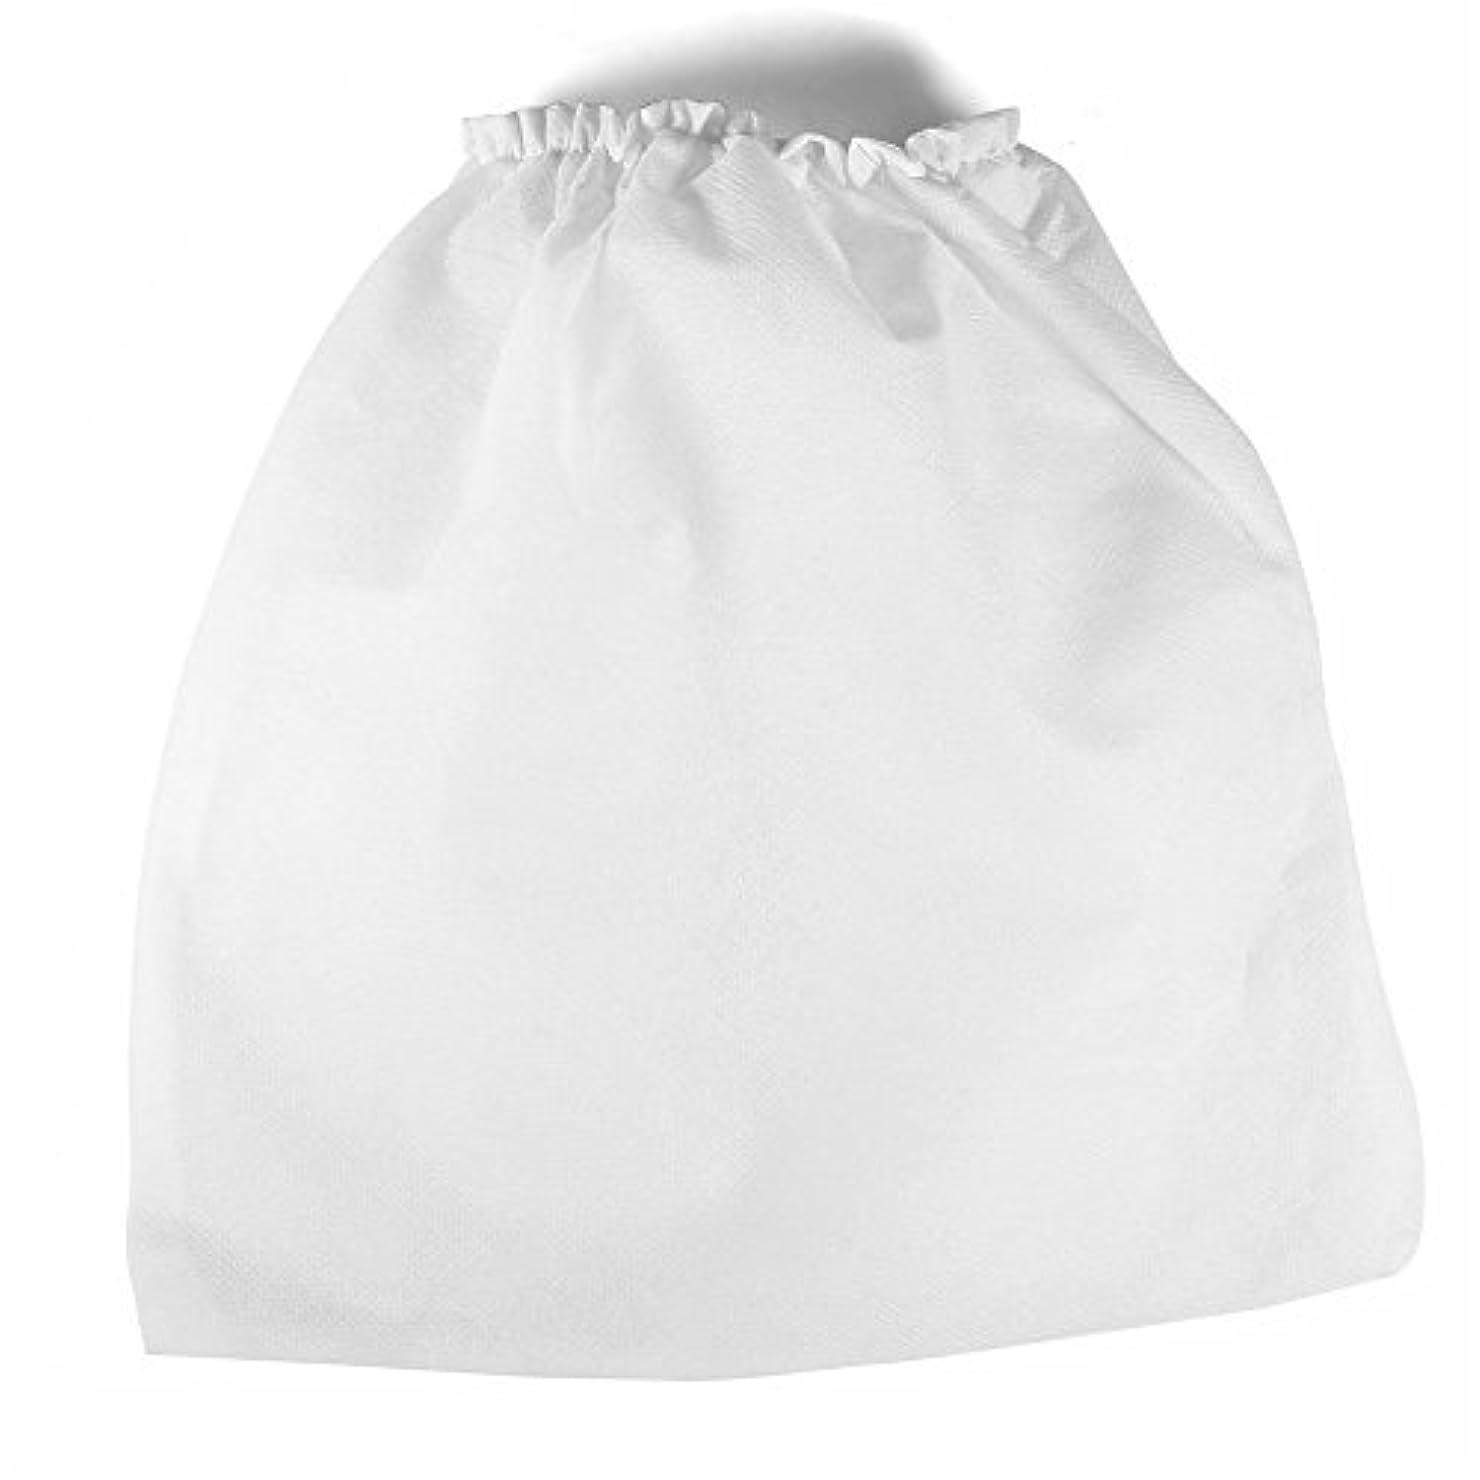 軌道意味のある番号10本の不織布掃除機の交換用バッグ